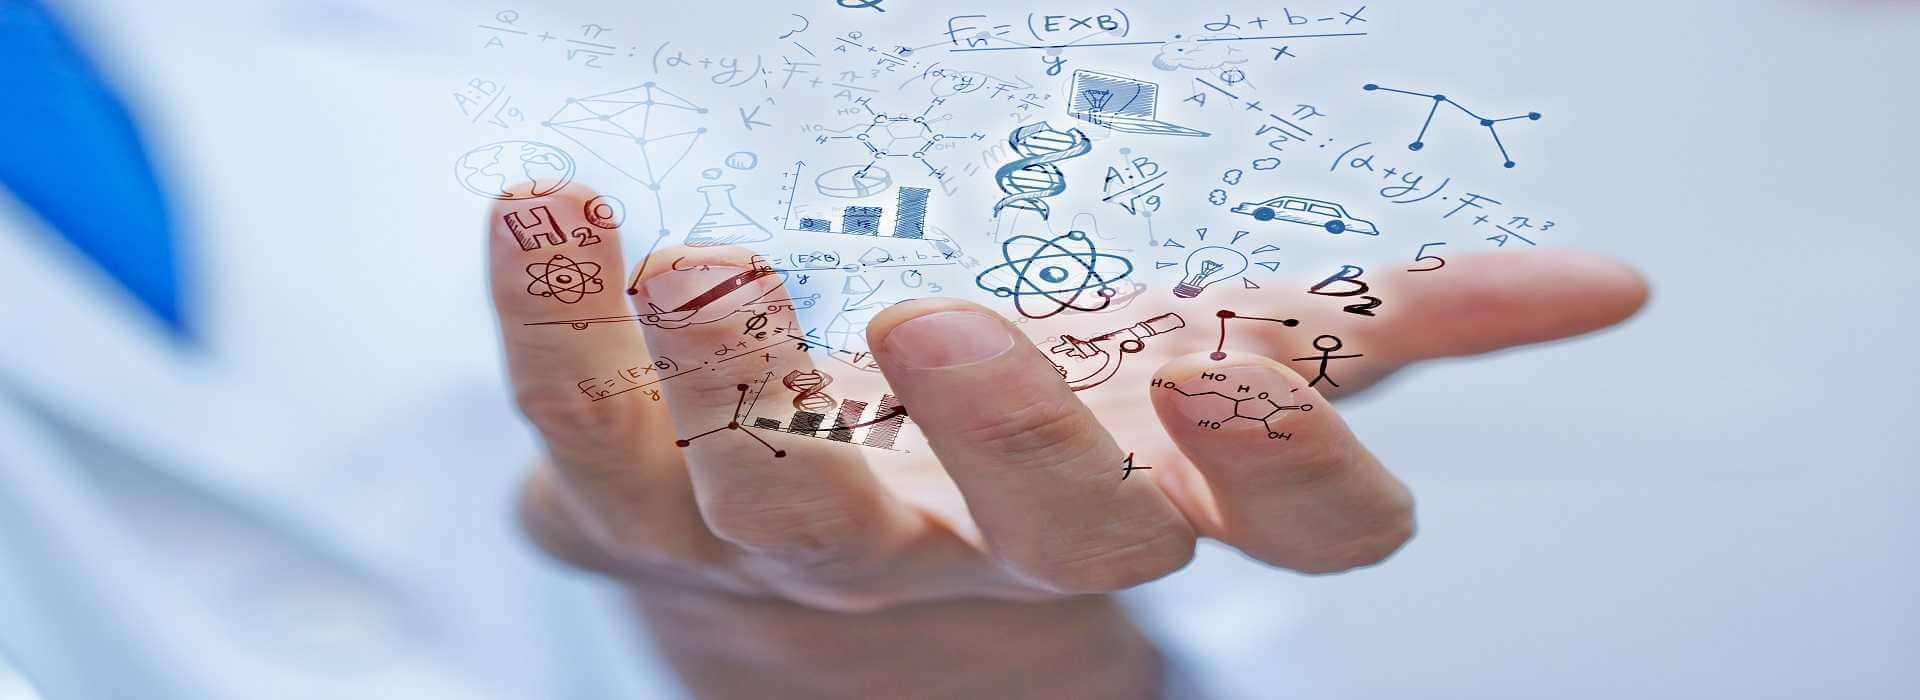 مرک-آلمان-خرید-کیت-آزمایشگاهی-کیت-تحقیقاتی